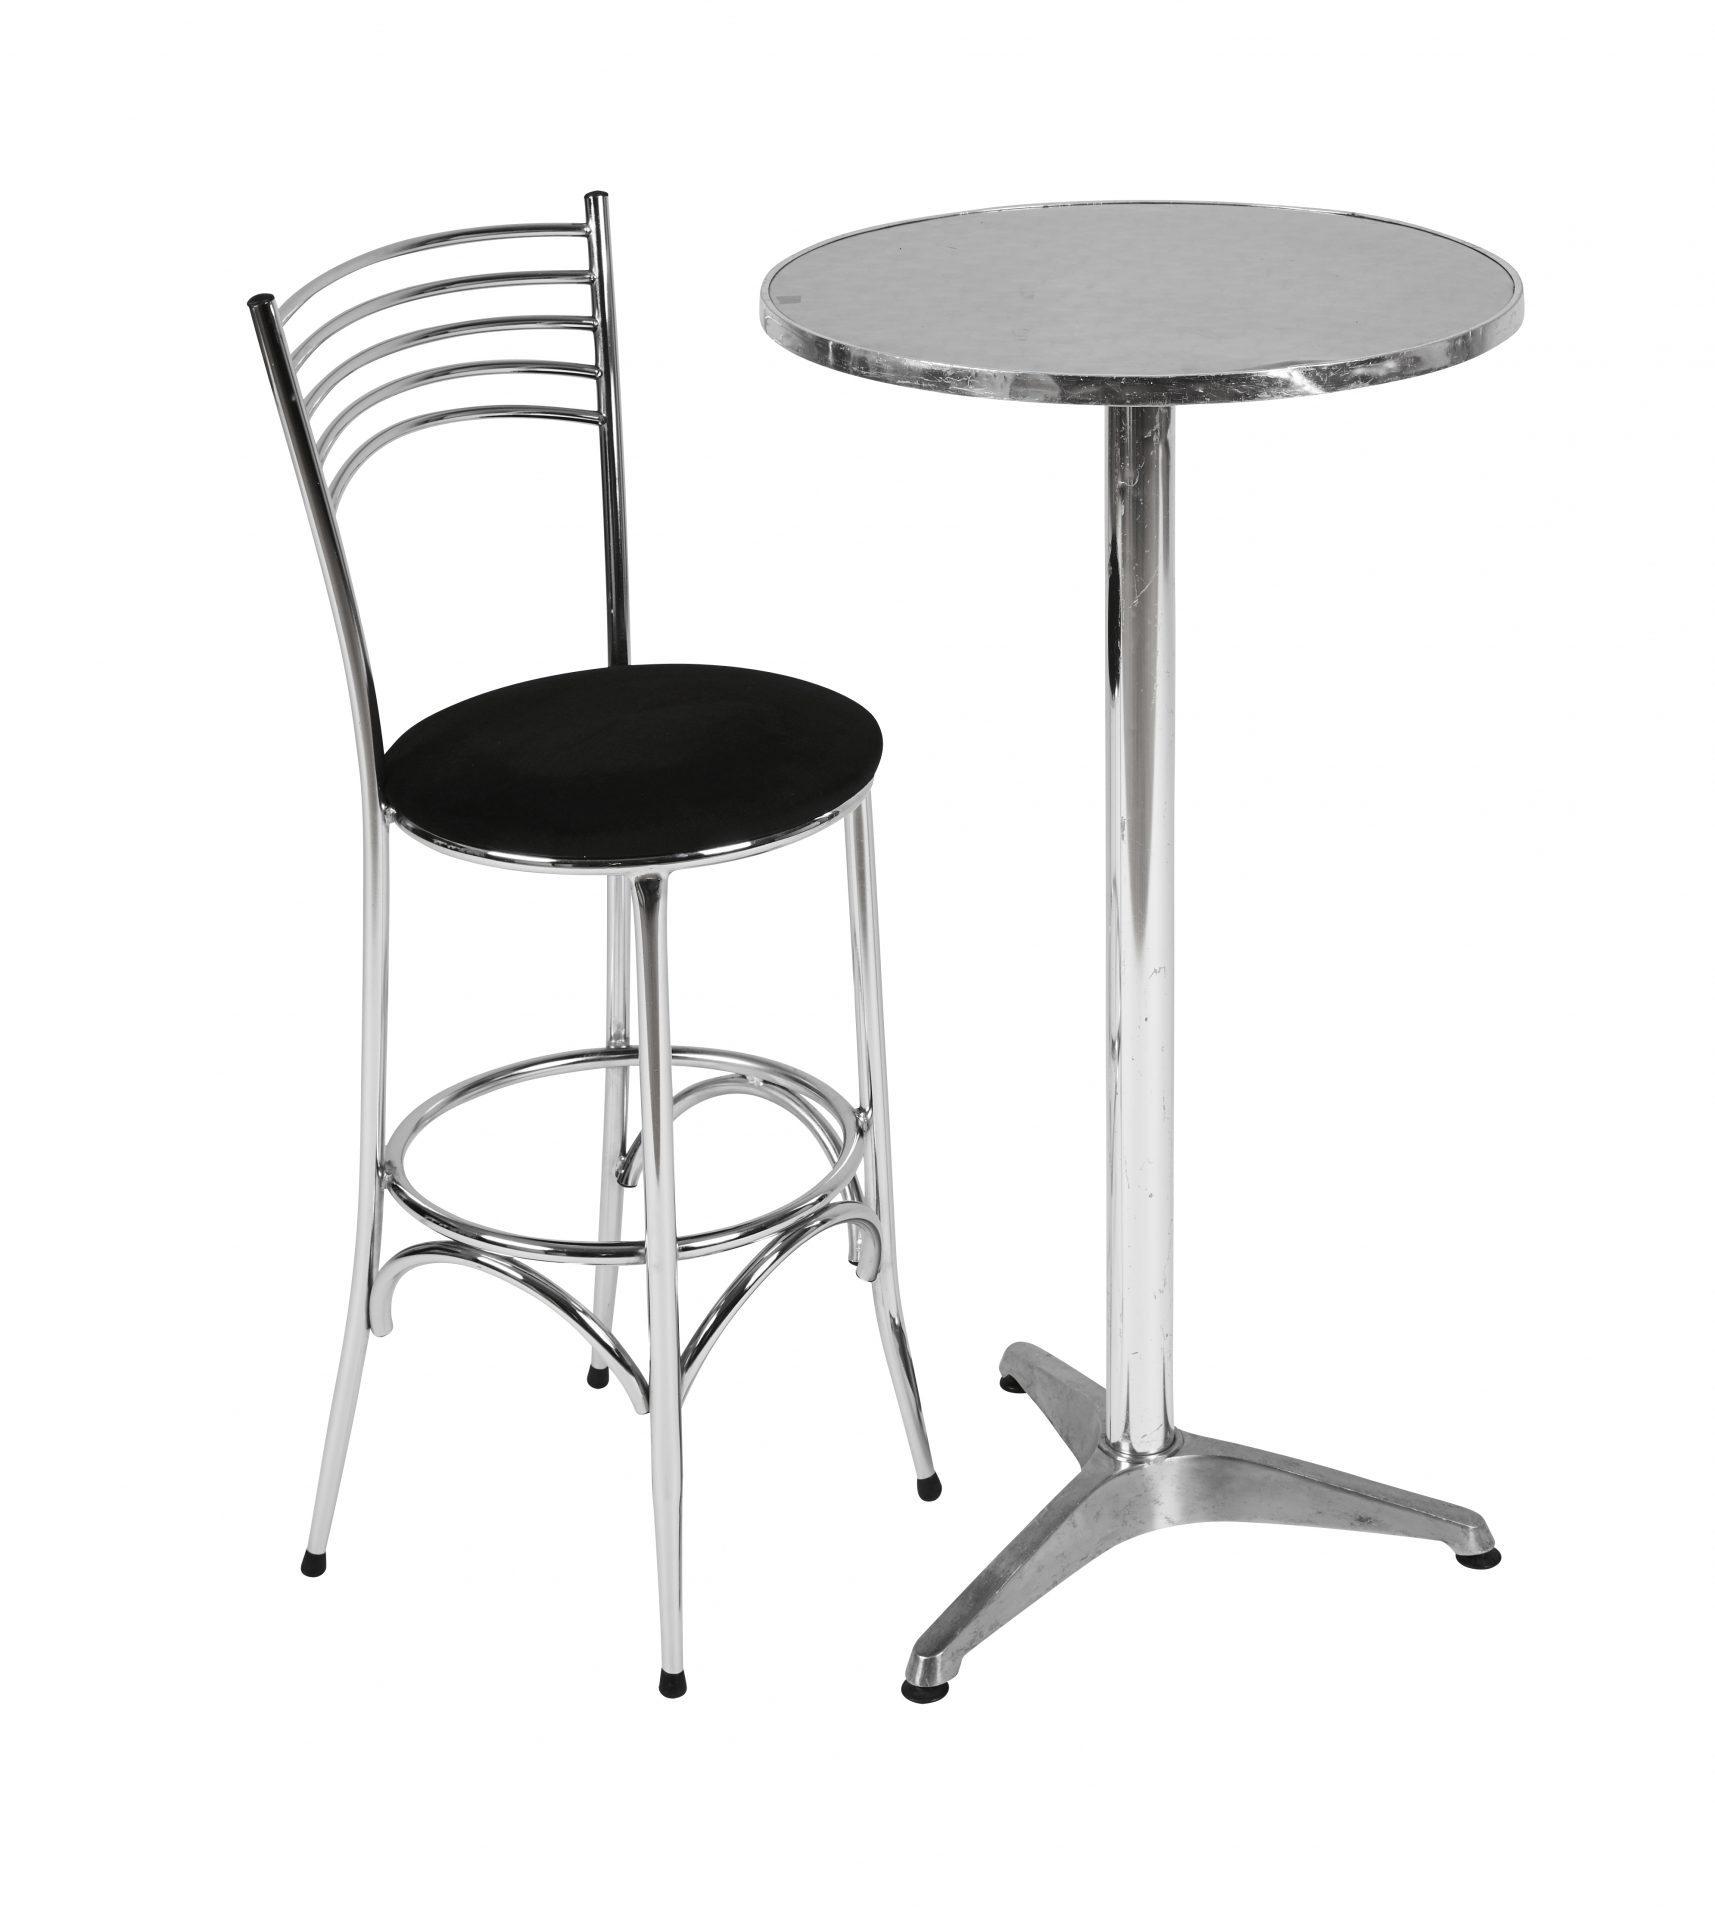 Aluminium bar stool with single tier aluminium poseur table